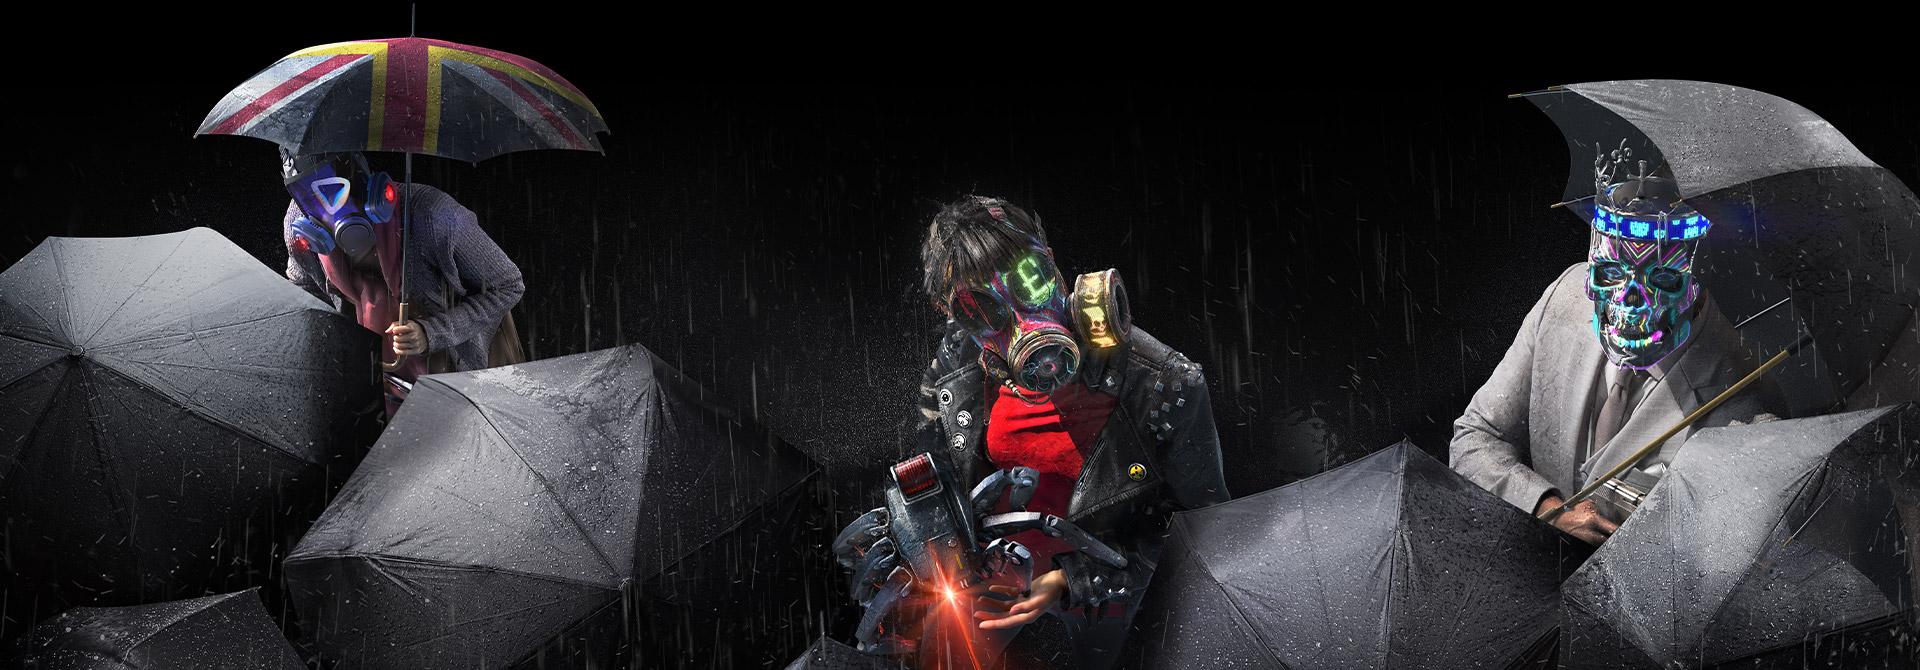 Personnages de Watch Dogs: Legion parmi des parapluies noirs